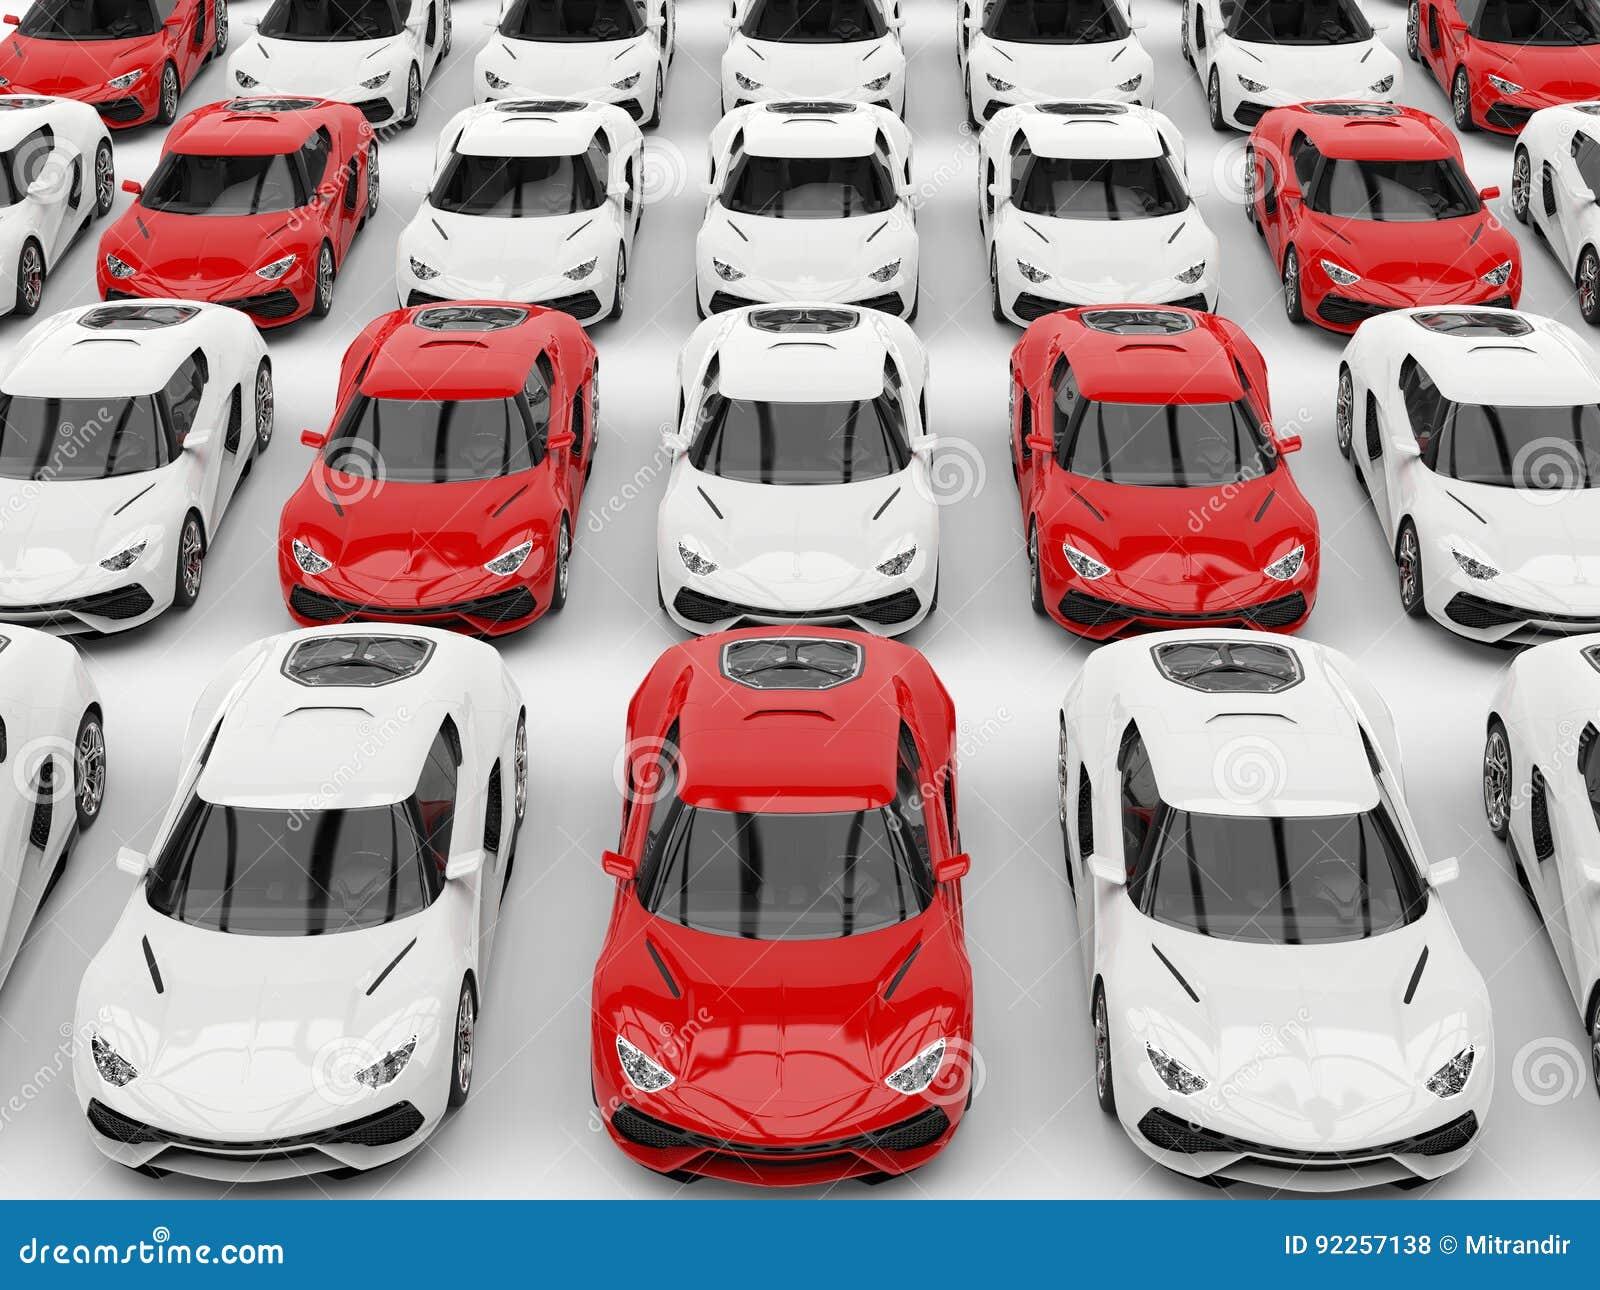 Rote Sportautos In Der Bildung Unter Weißen Autos Stock Abbildung ...